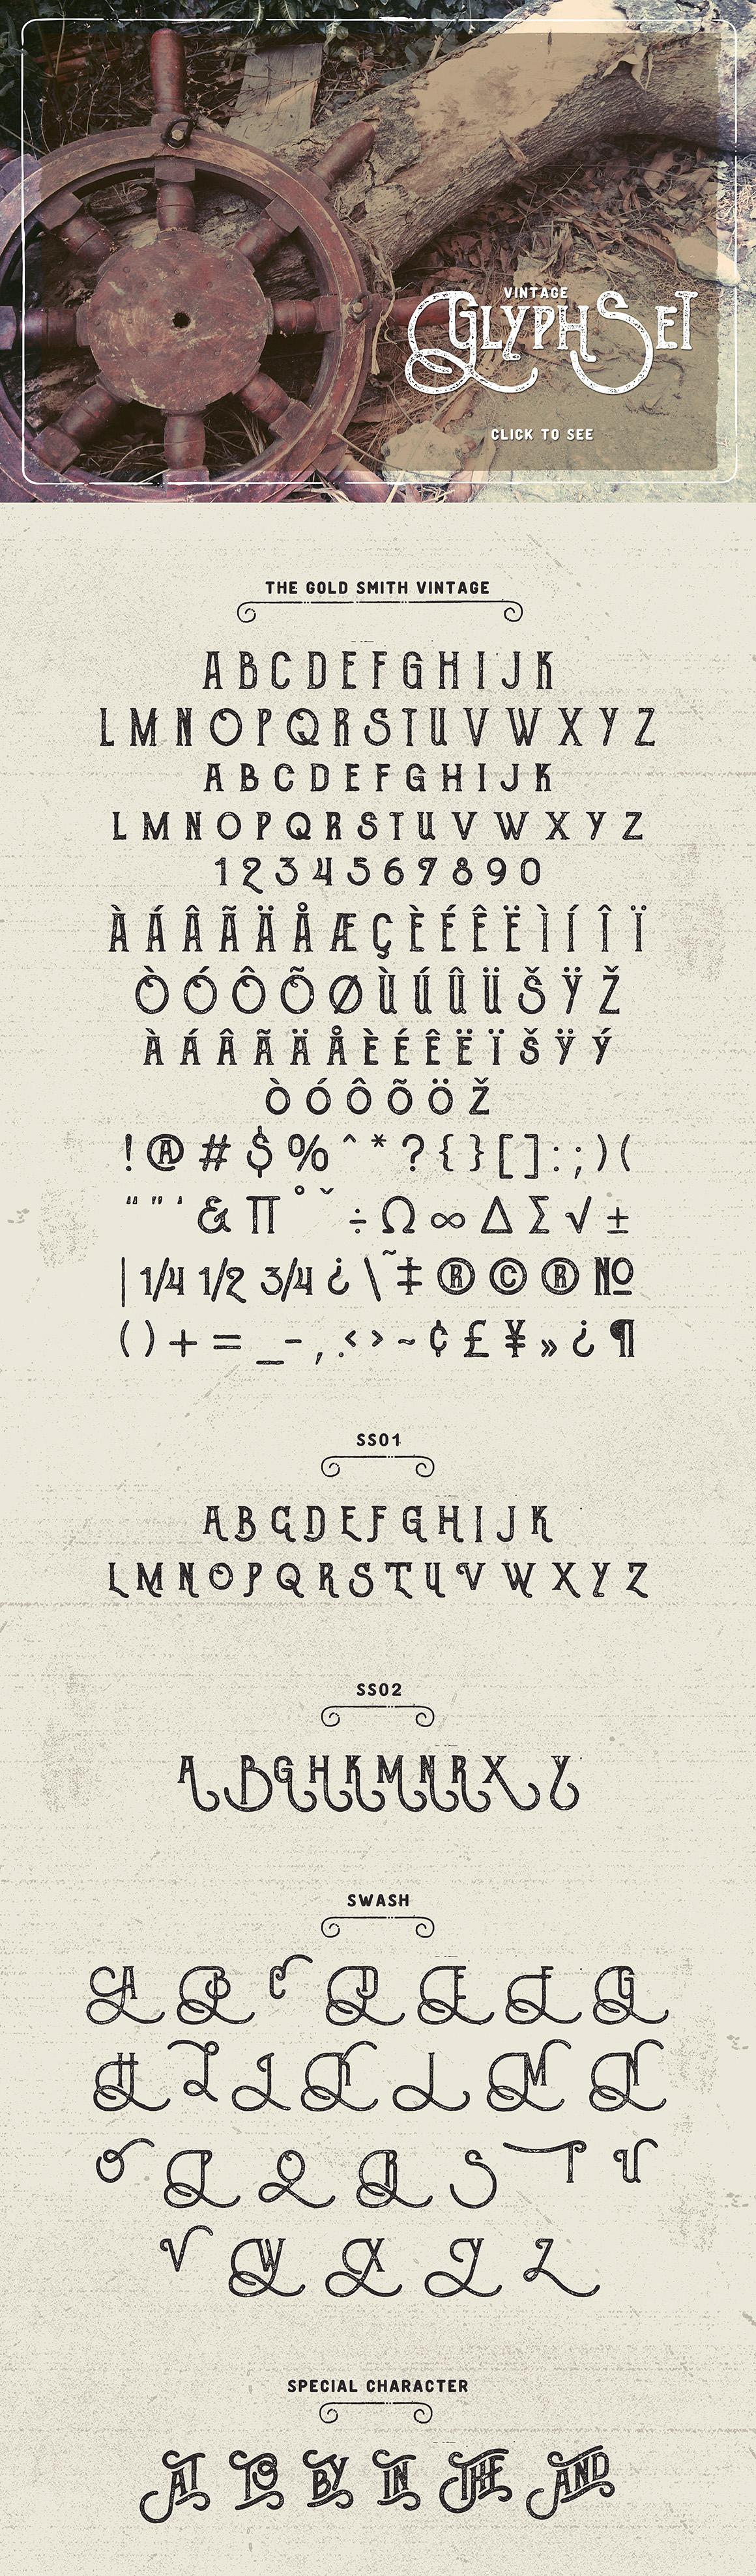 glyph-set-o